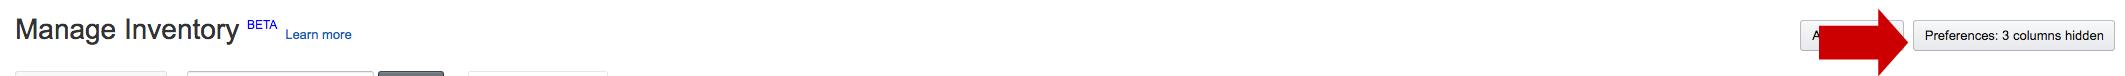 スクリーンショット 2014-11-02 17.18.33